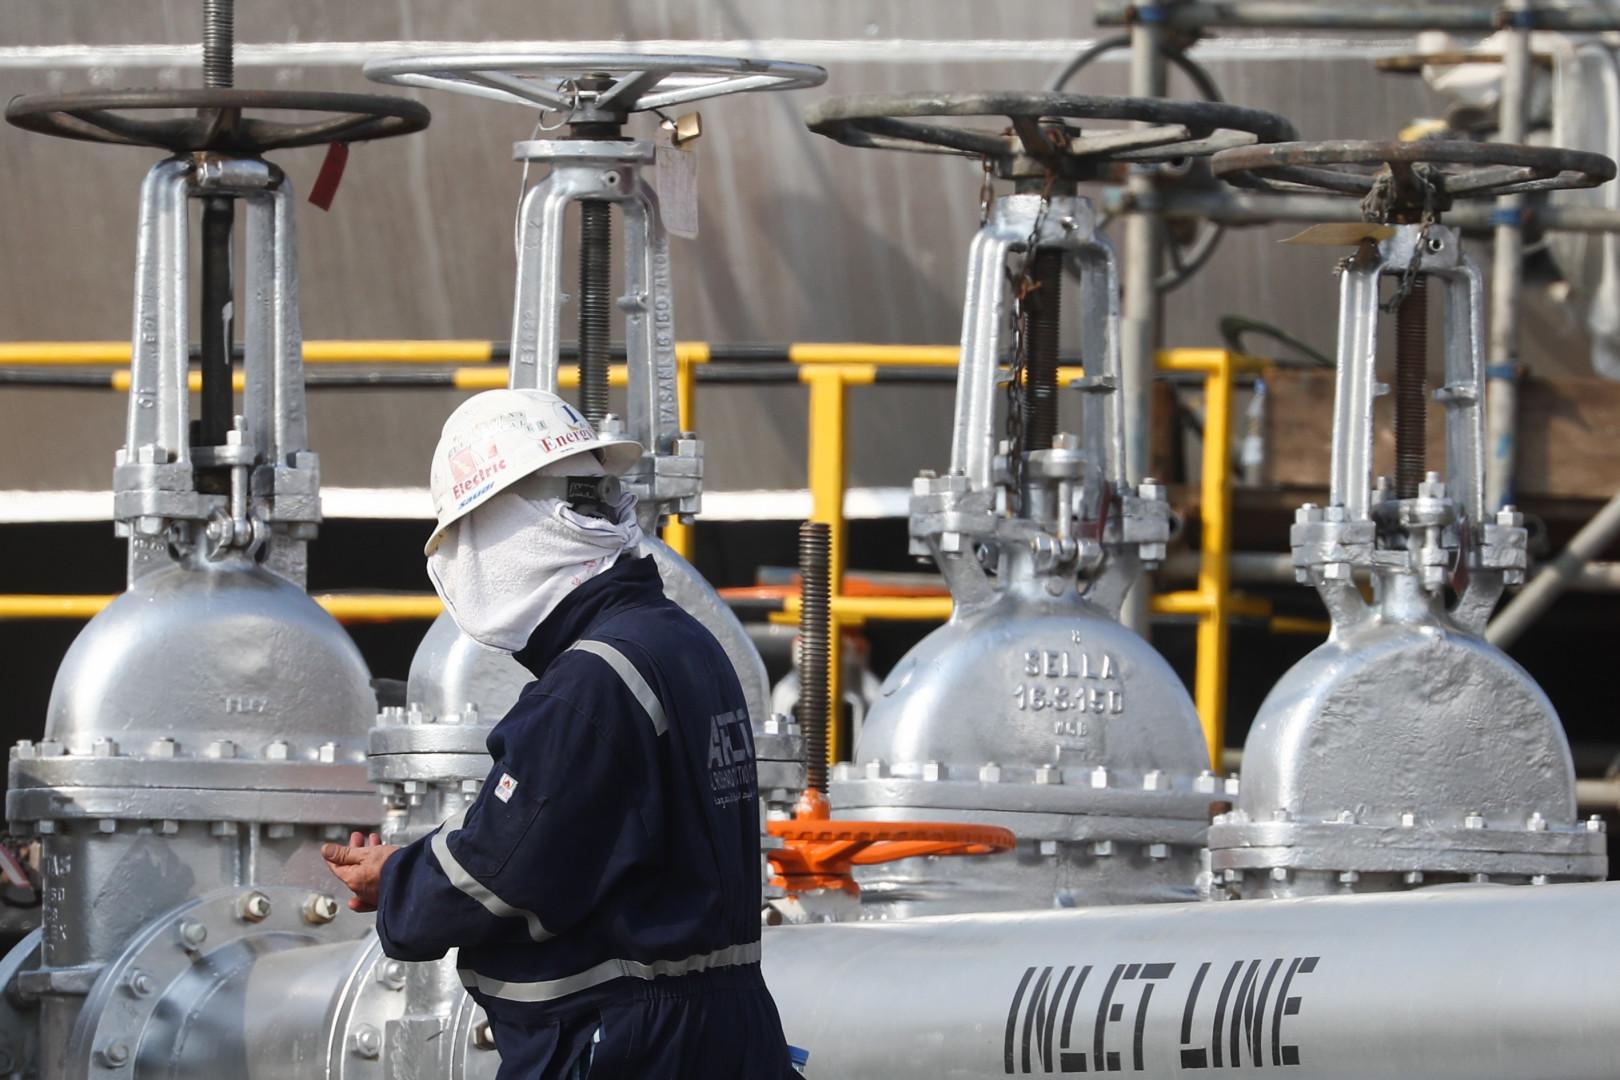 الهند تطلب من العراق والسعودية رفع ائتمان اعلى لاستيراد النفط